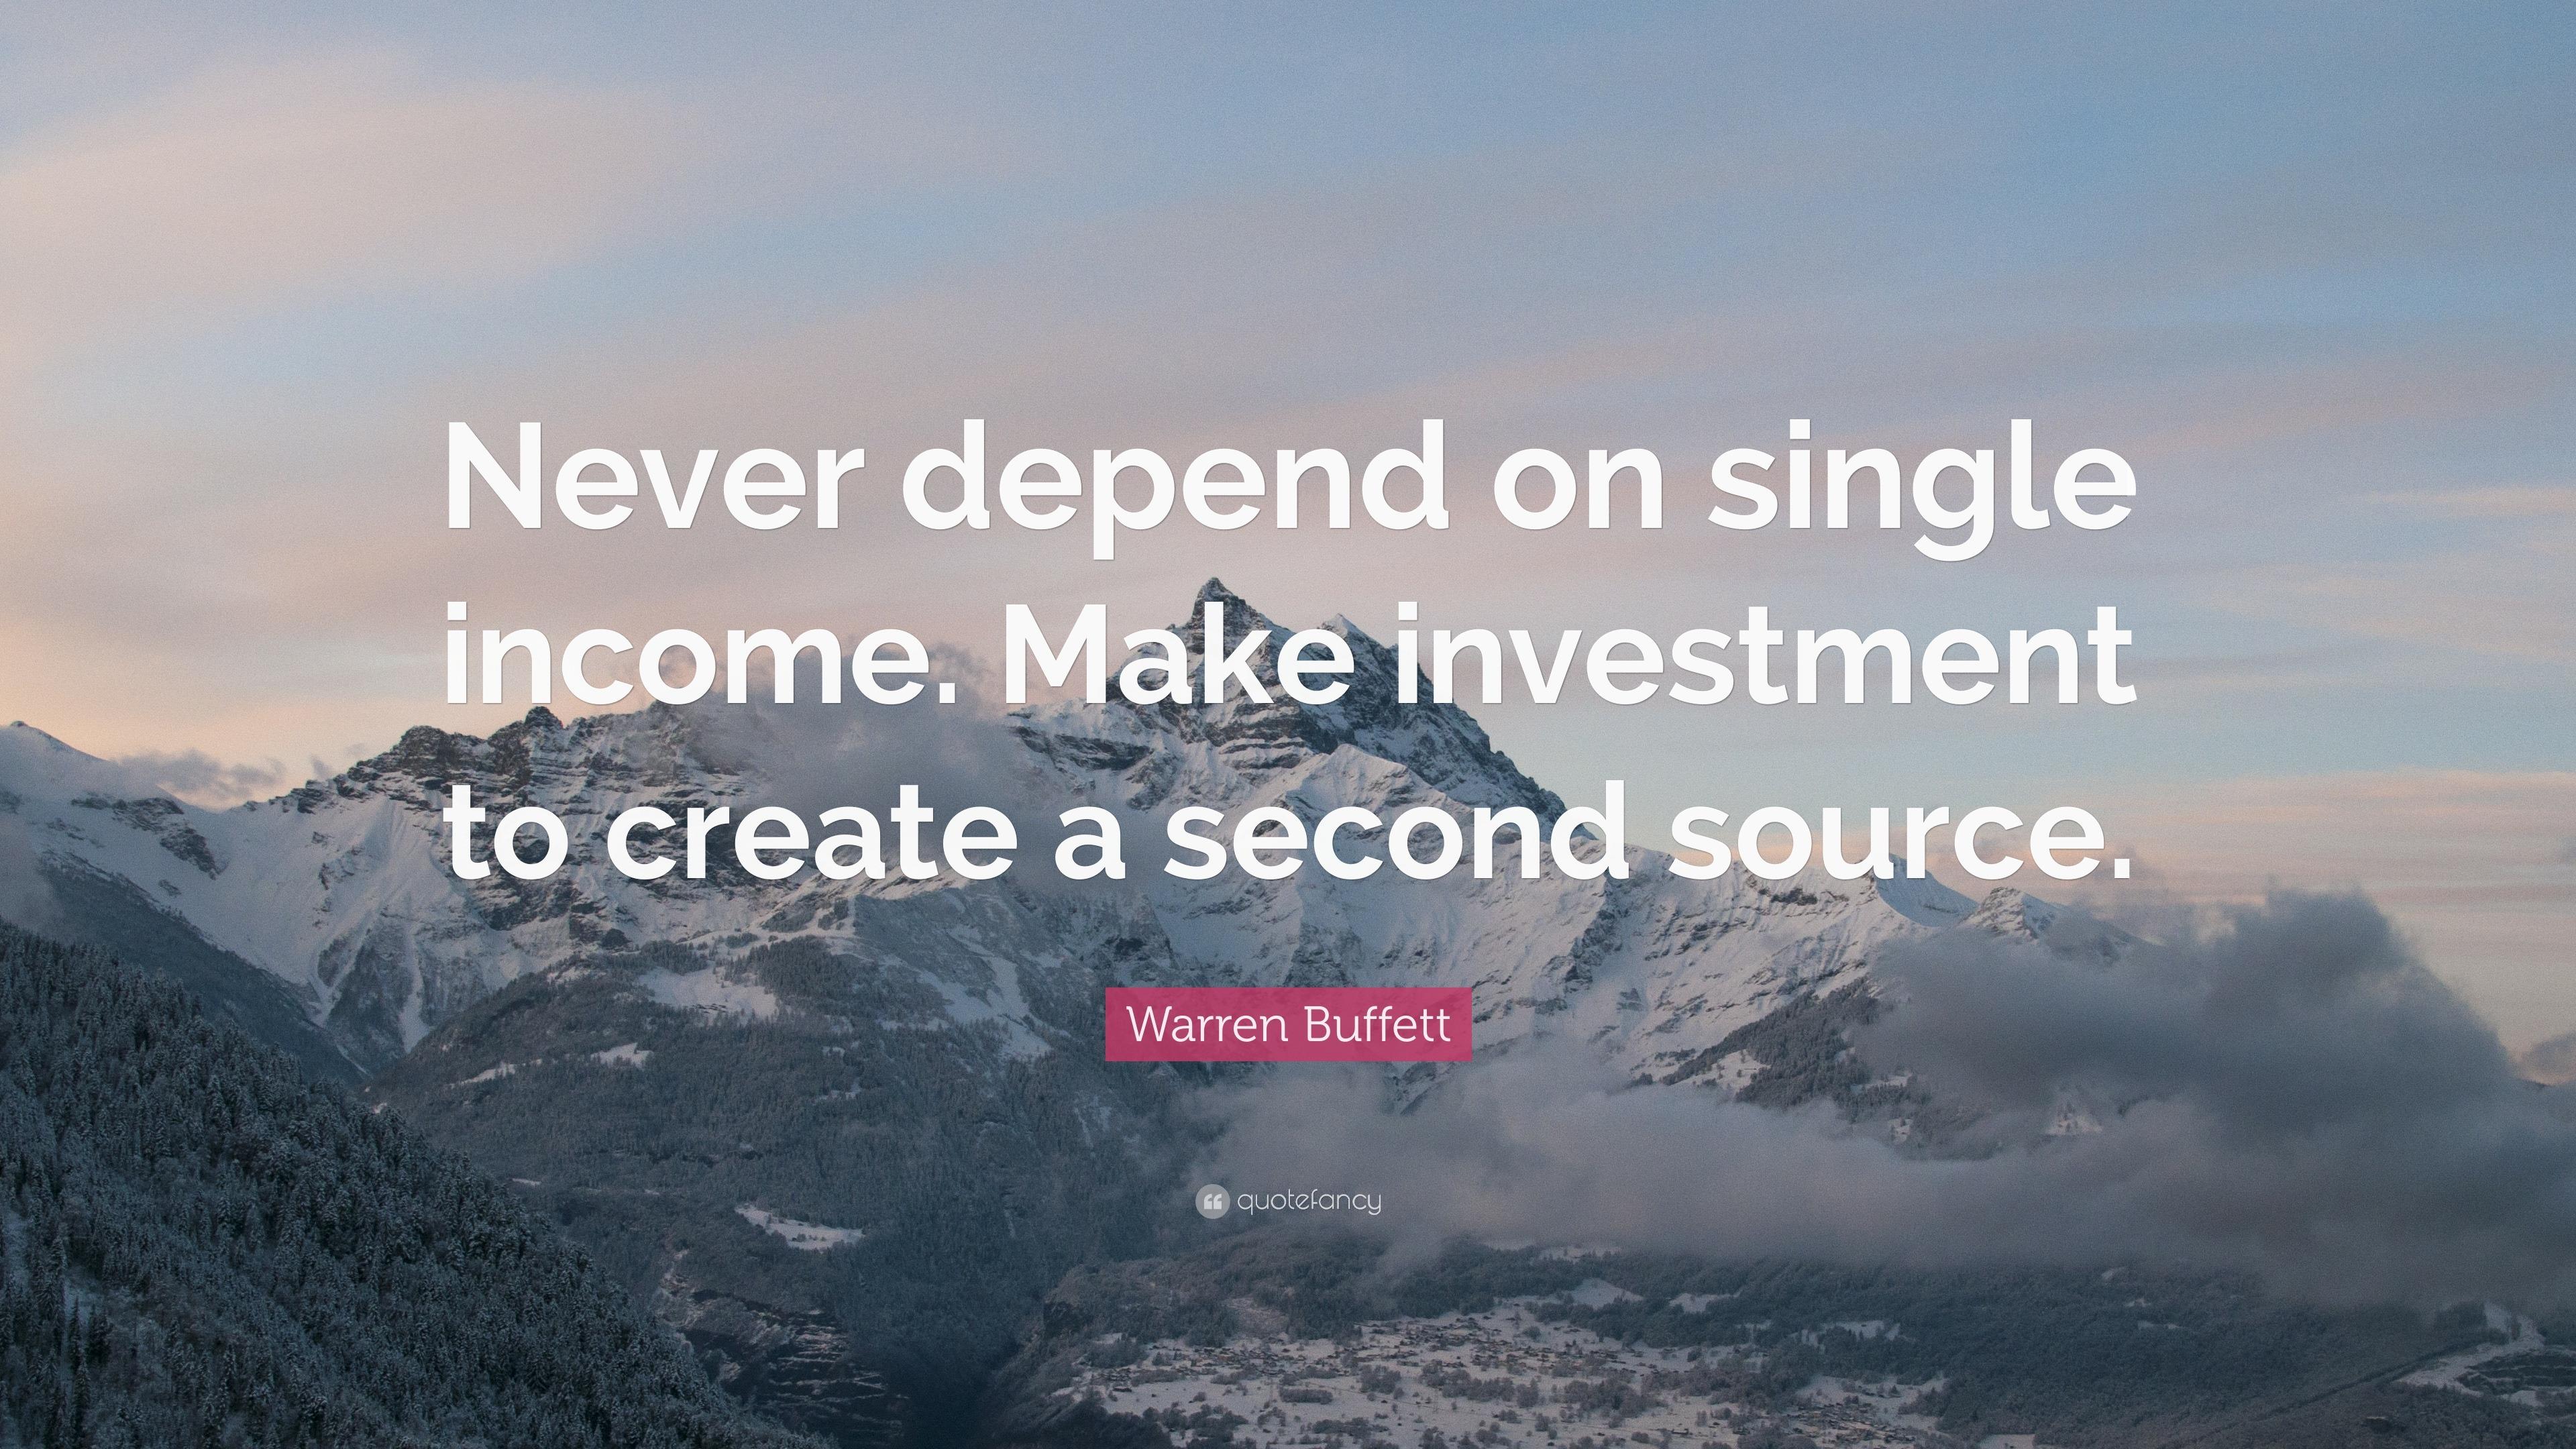 Warren Buffett Quotes Iphone Wallpaper Rich Lifestyle Wallpaper Hd The Best Hd Wallpaper